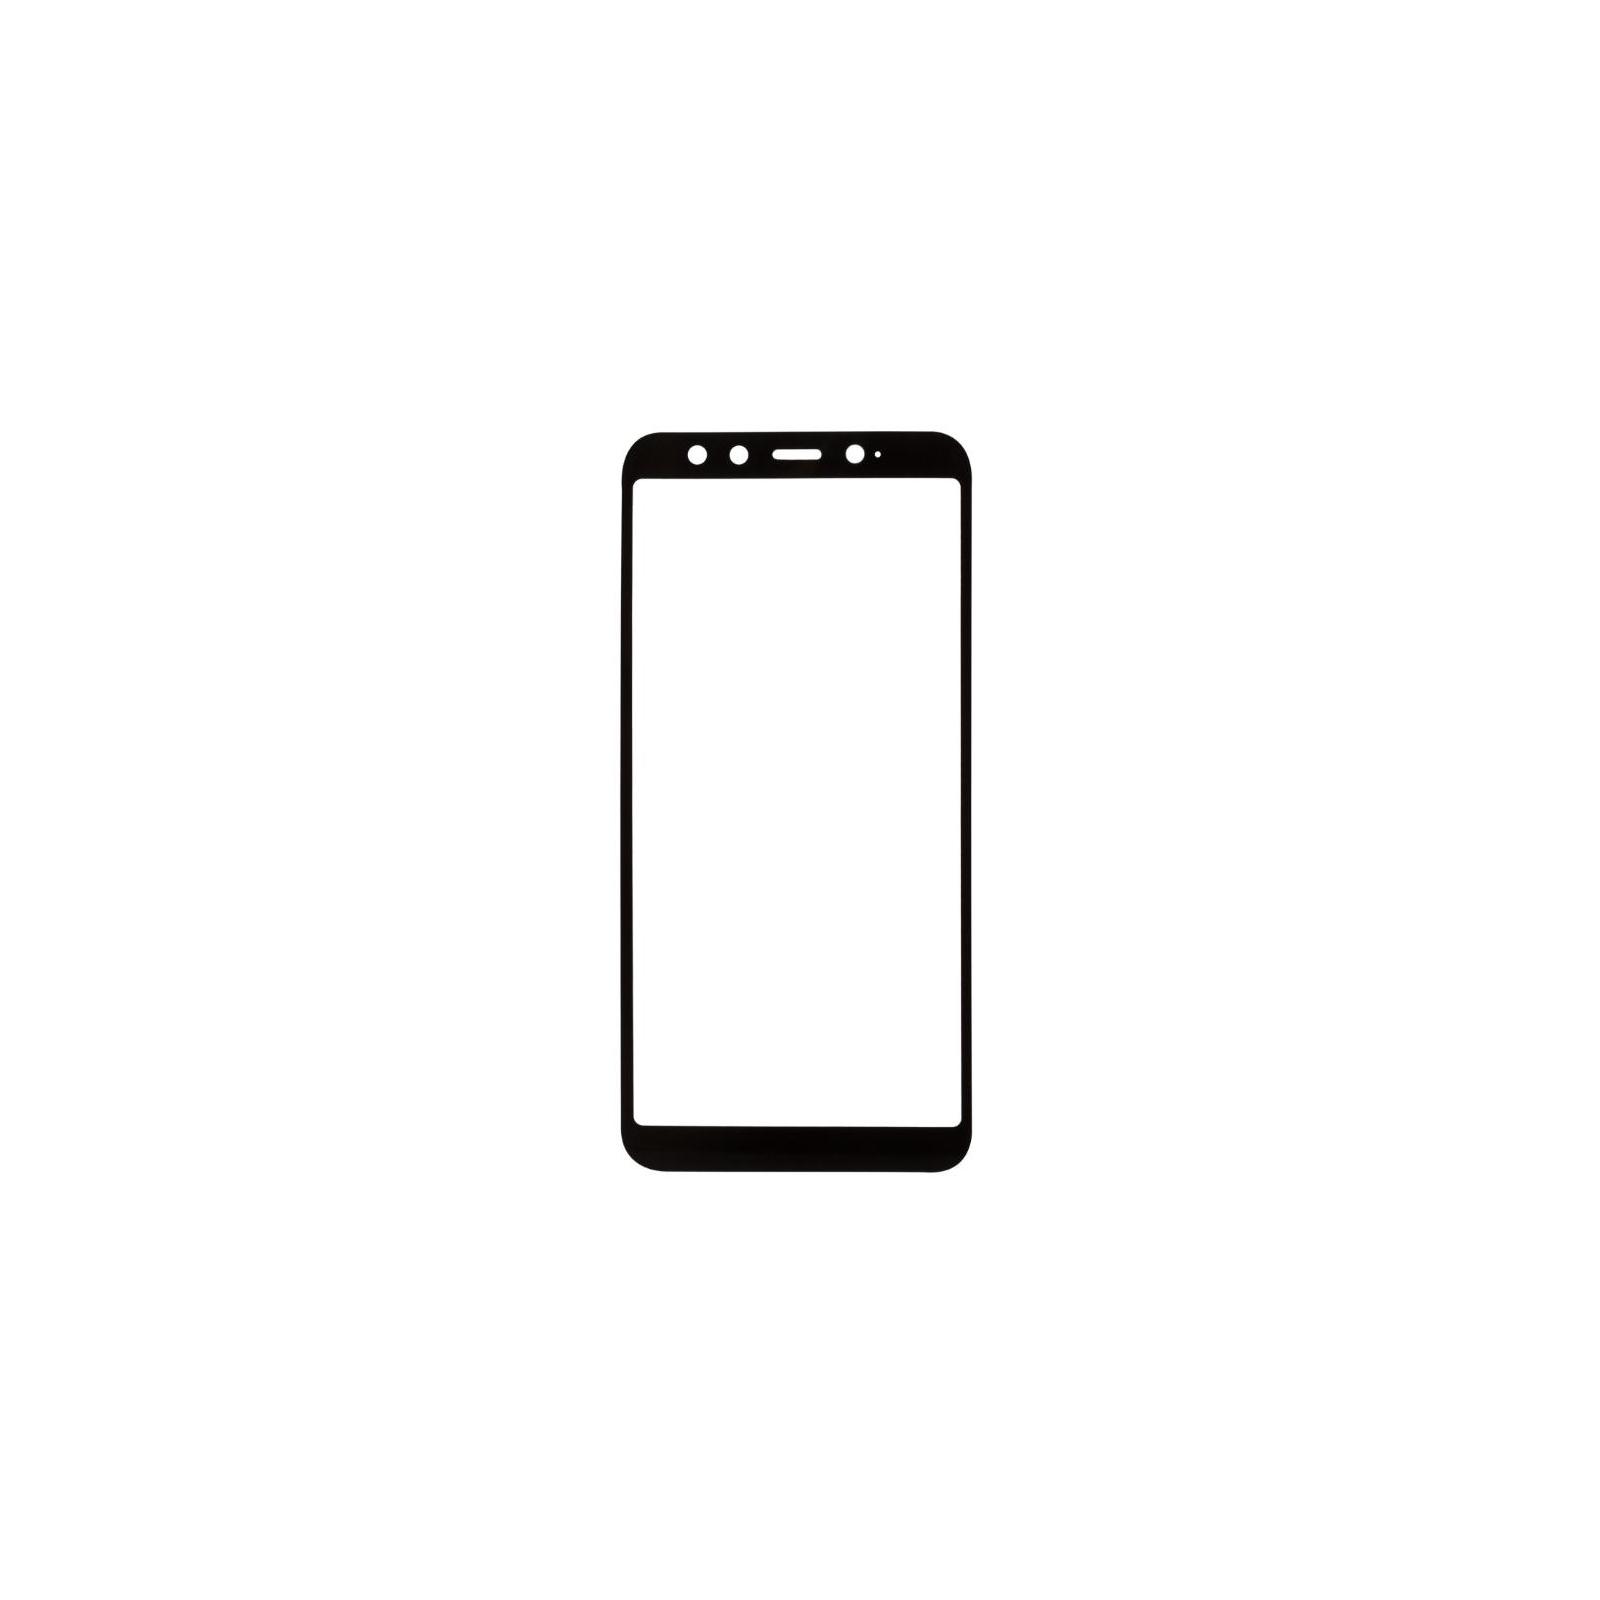 Стекло защитное MakeFuture для Xiaomi Mi6 Black Full Cover Full Glue (MGFCFG-XM6B) изображение 3